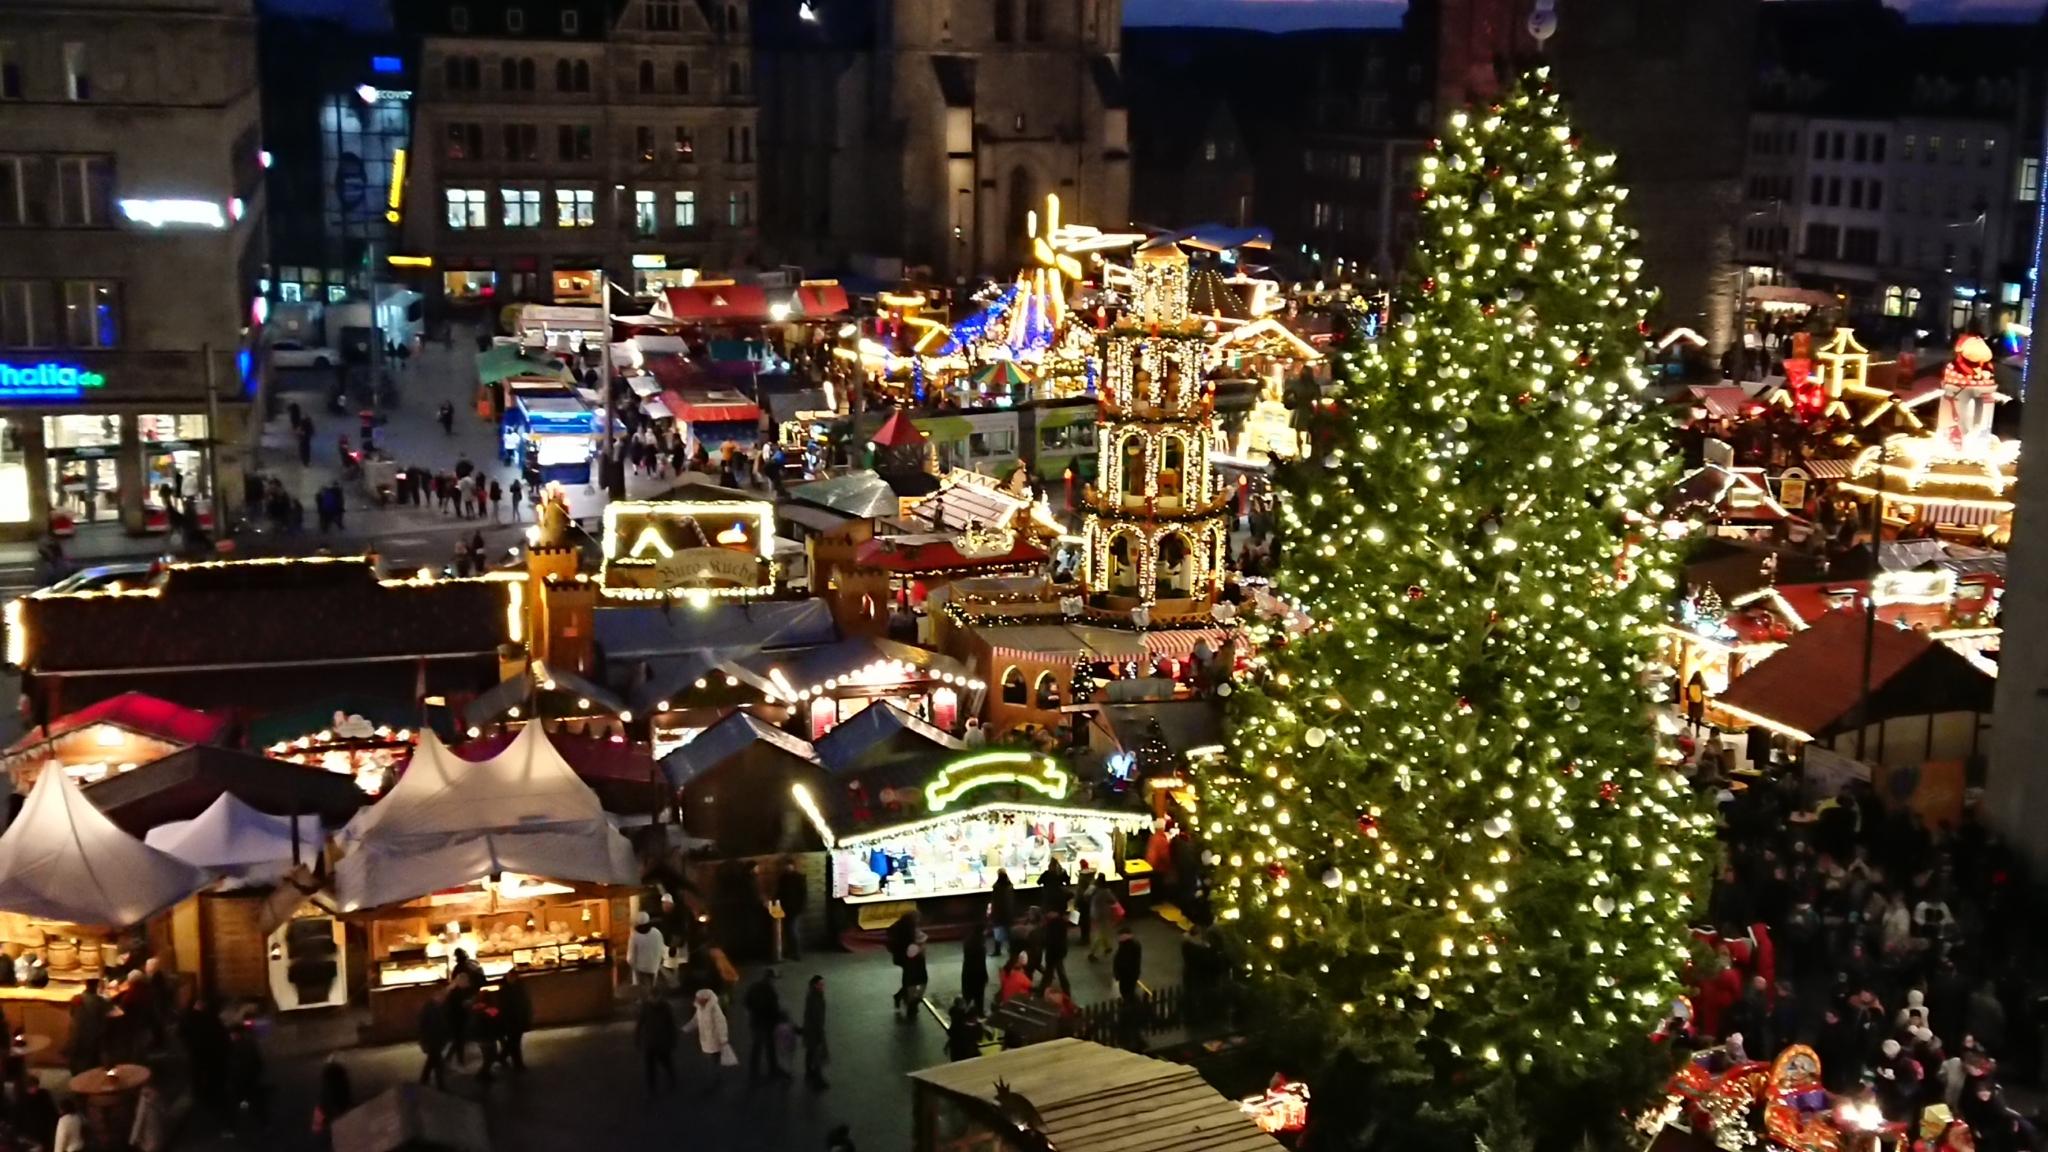 Stände Weihnachtsmarkt.122 Stände Zum Weihnachtsmarkt In Halle Du Bist Halle